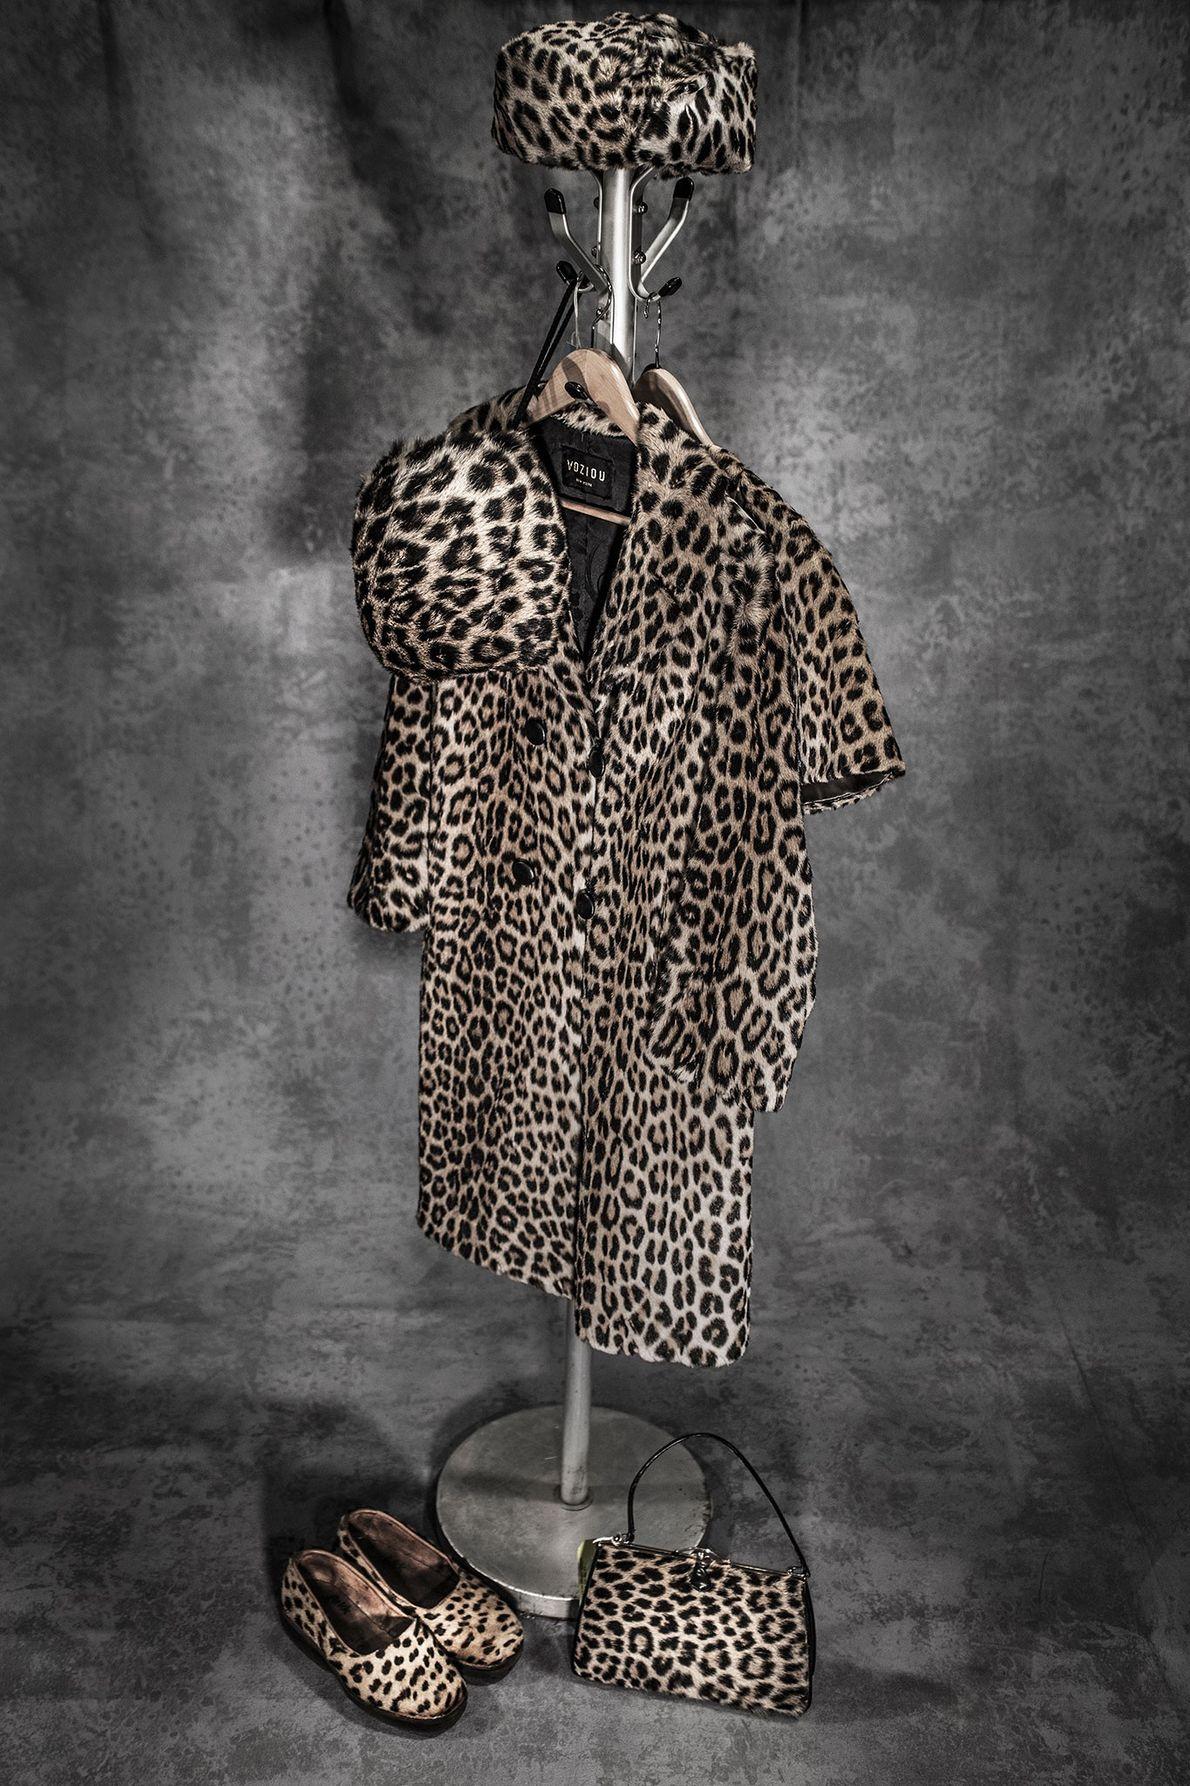 Peças de roupas de pele de leopardos.